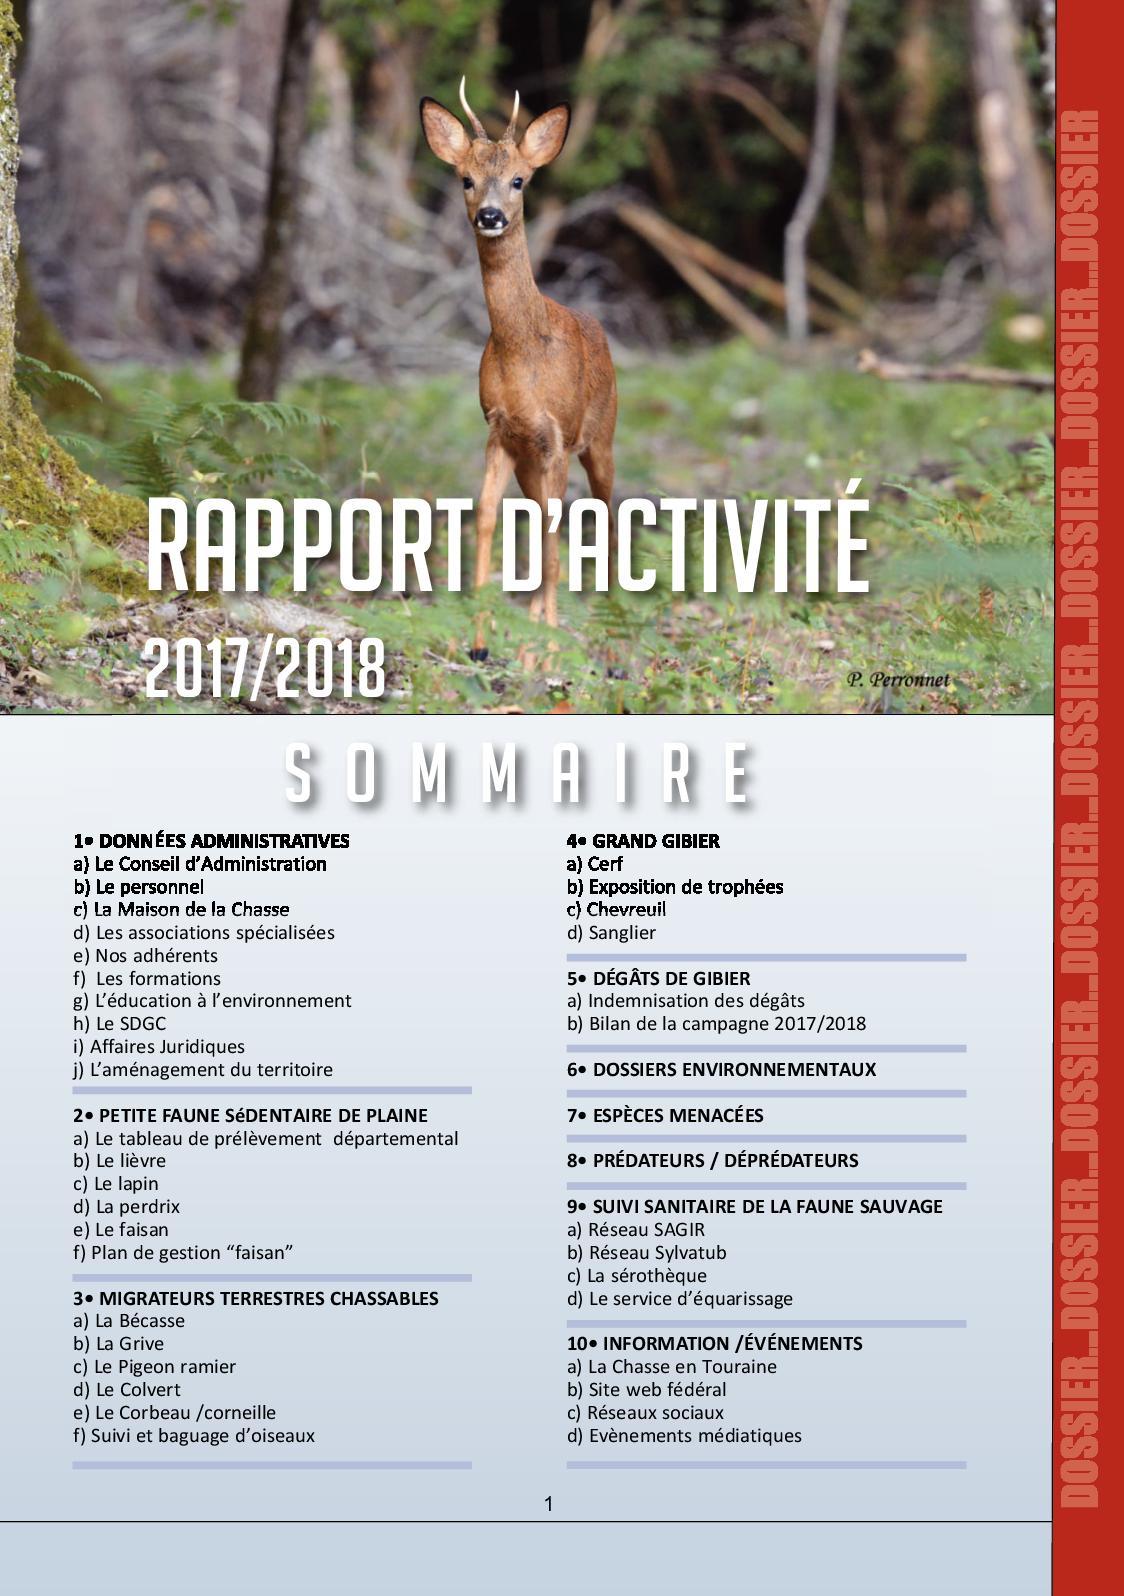 beaucoup de choix de belle couleur qualité et quantité assurées Calaméo - Rapport d'activité 2017/2018